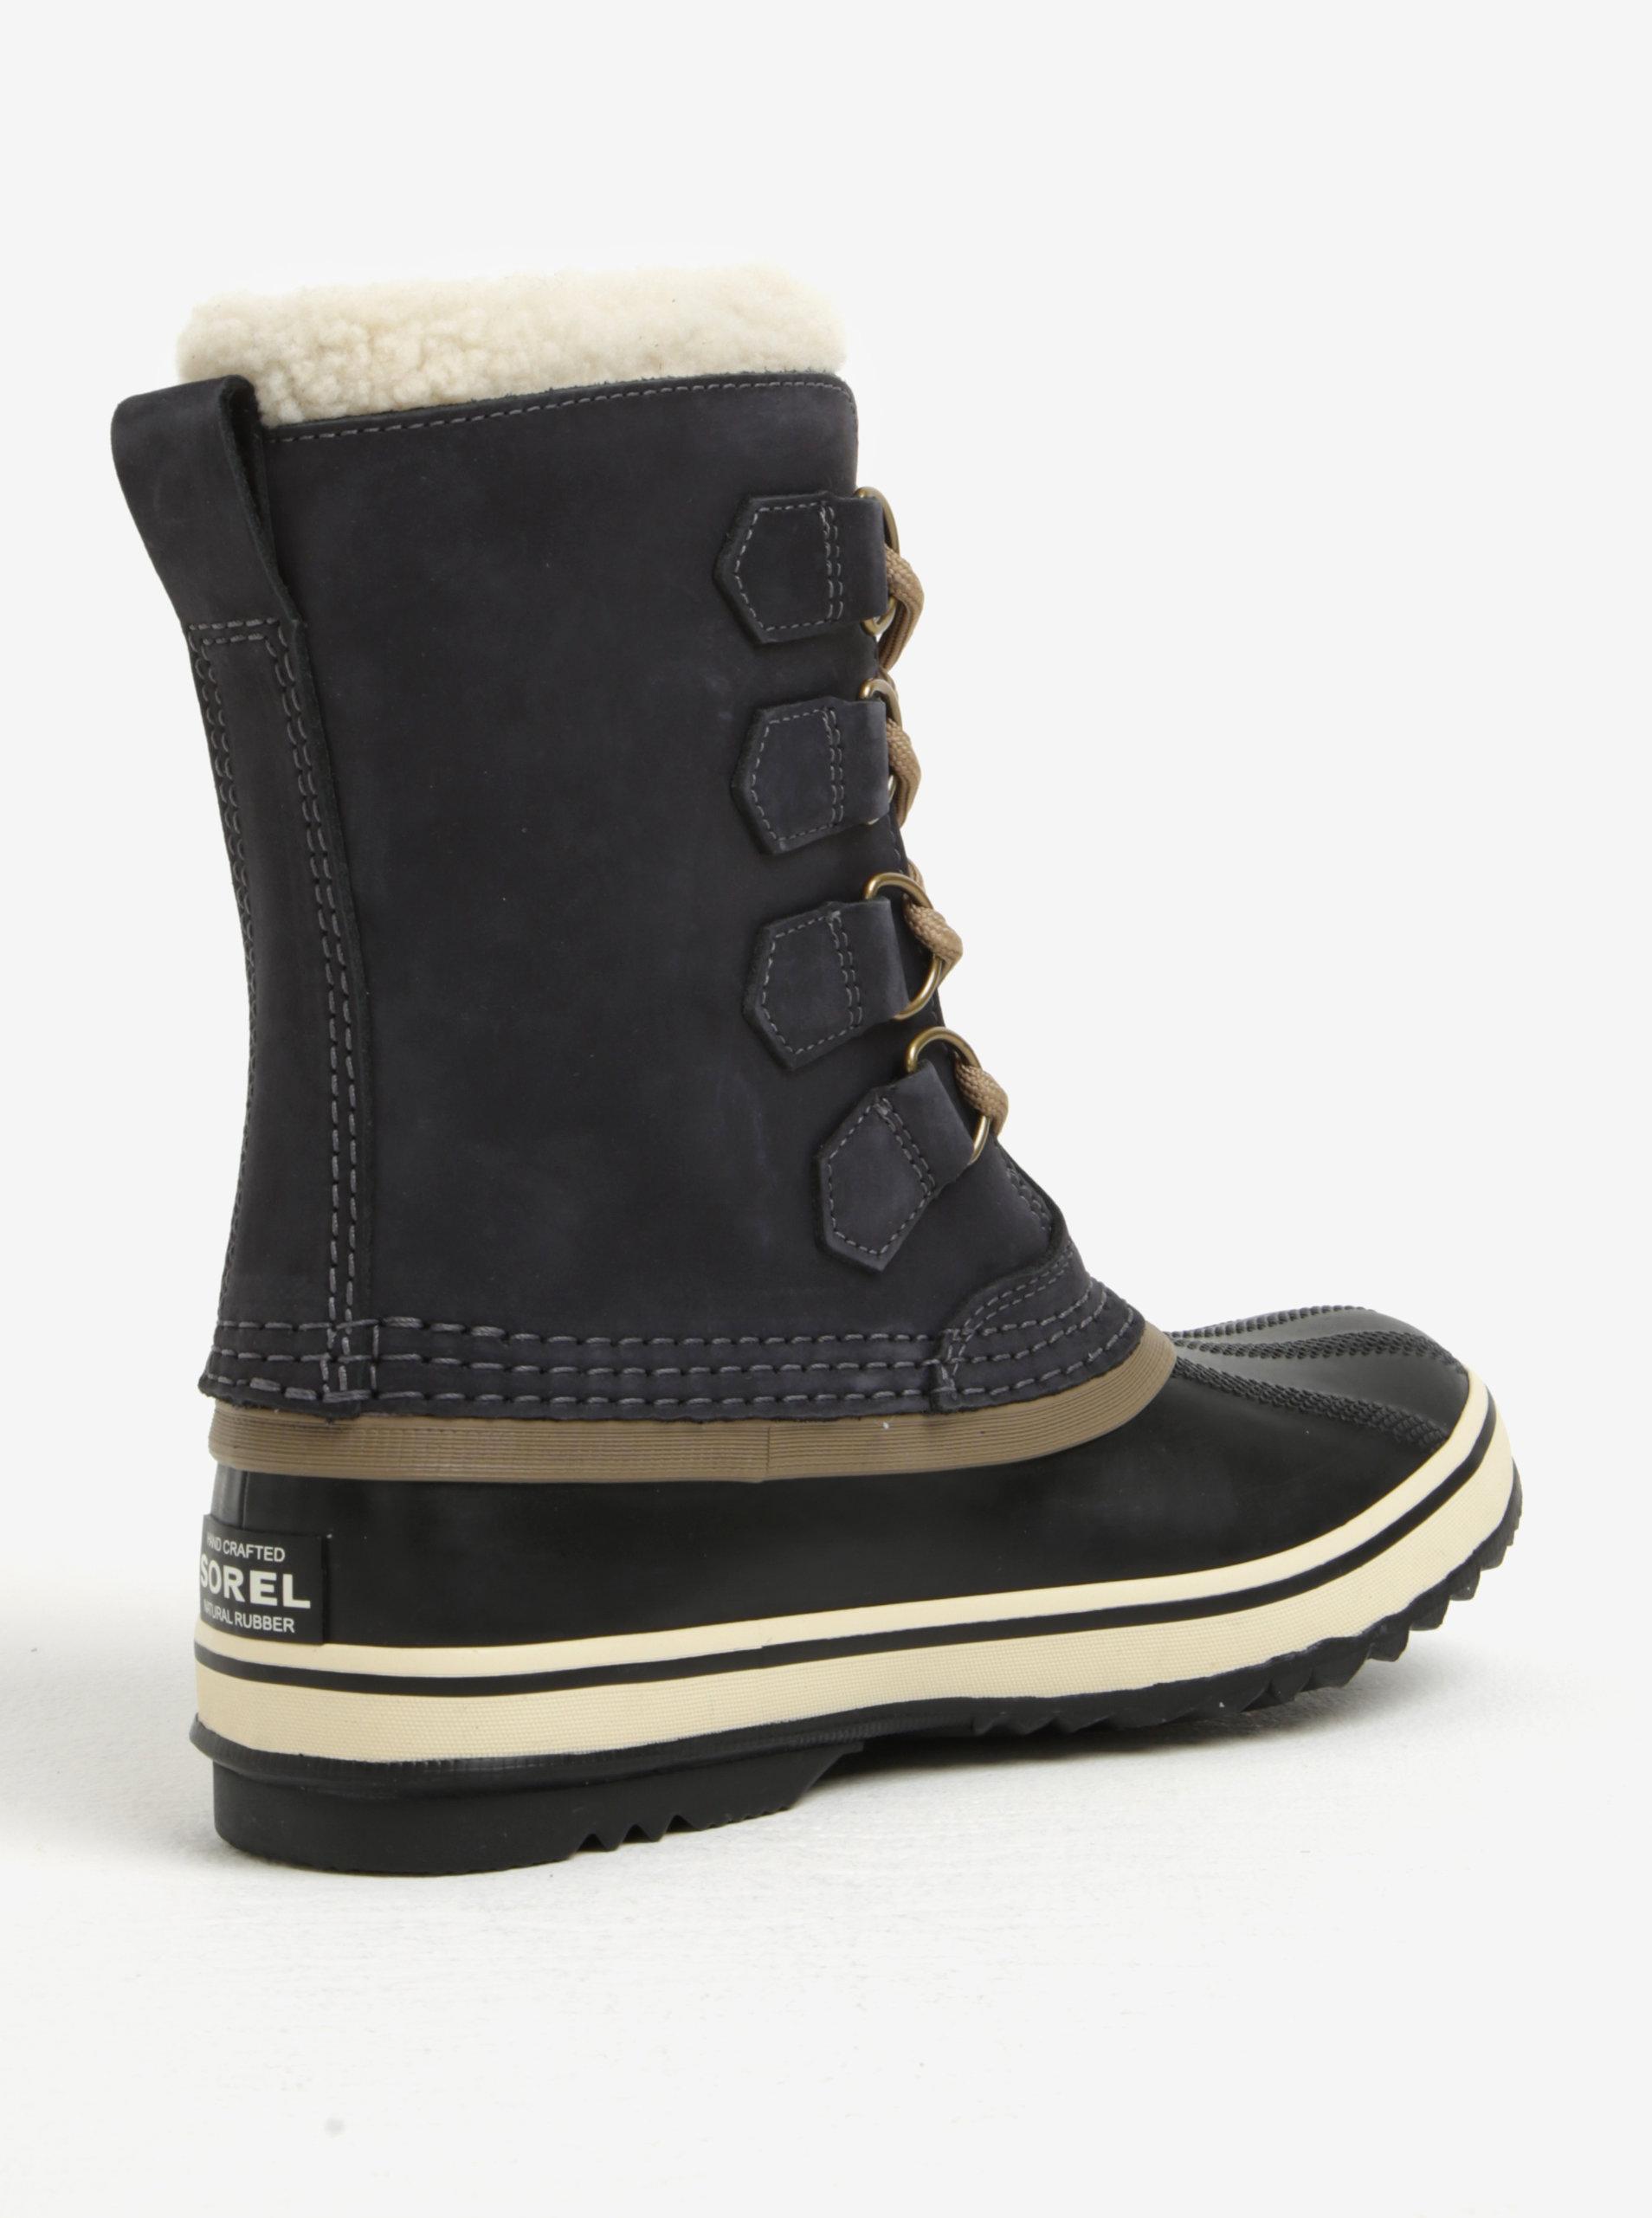 ... Tmavě šedé dámské kožené voděodolné zimní boty s umělým kožíškem SOREL  ... d82414b545